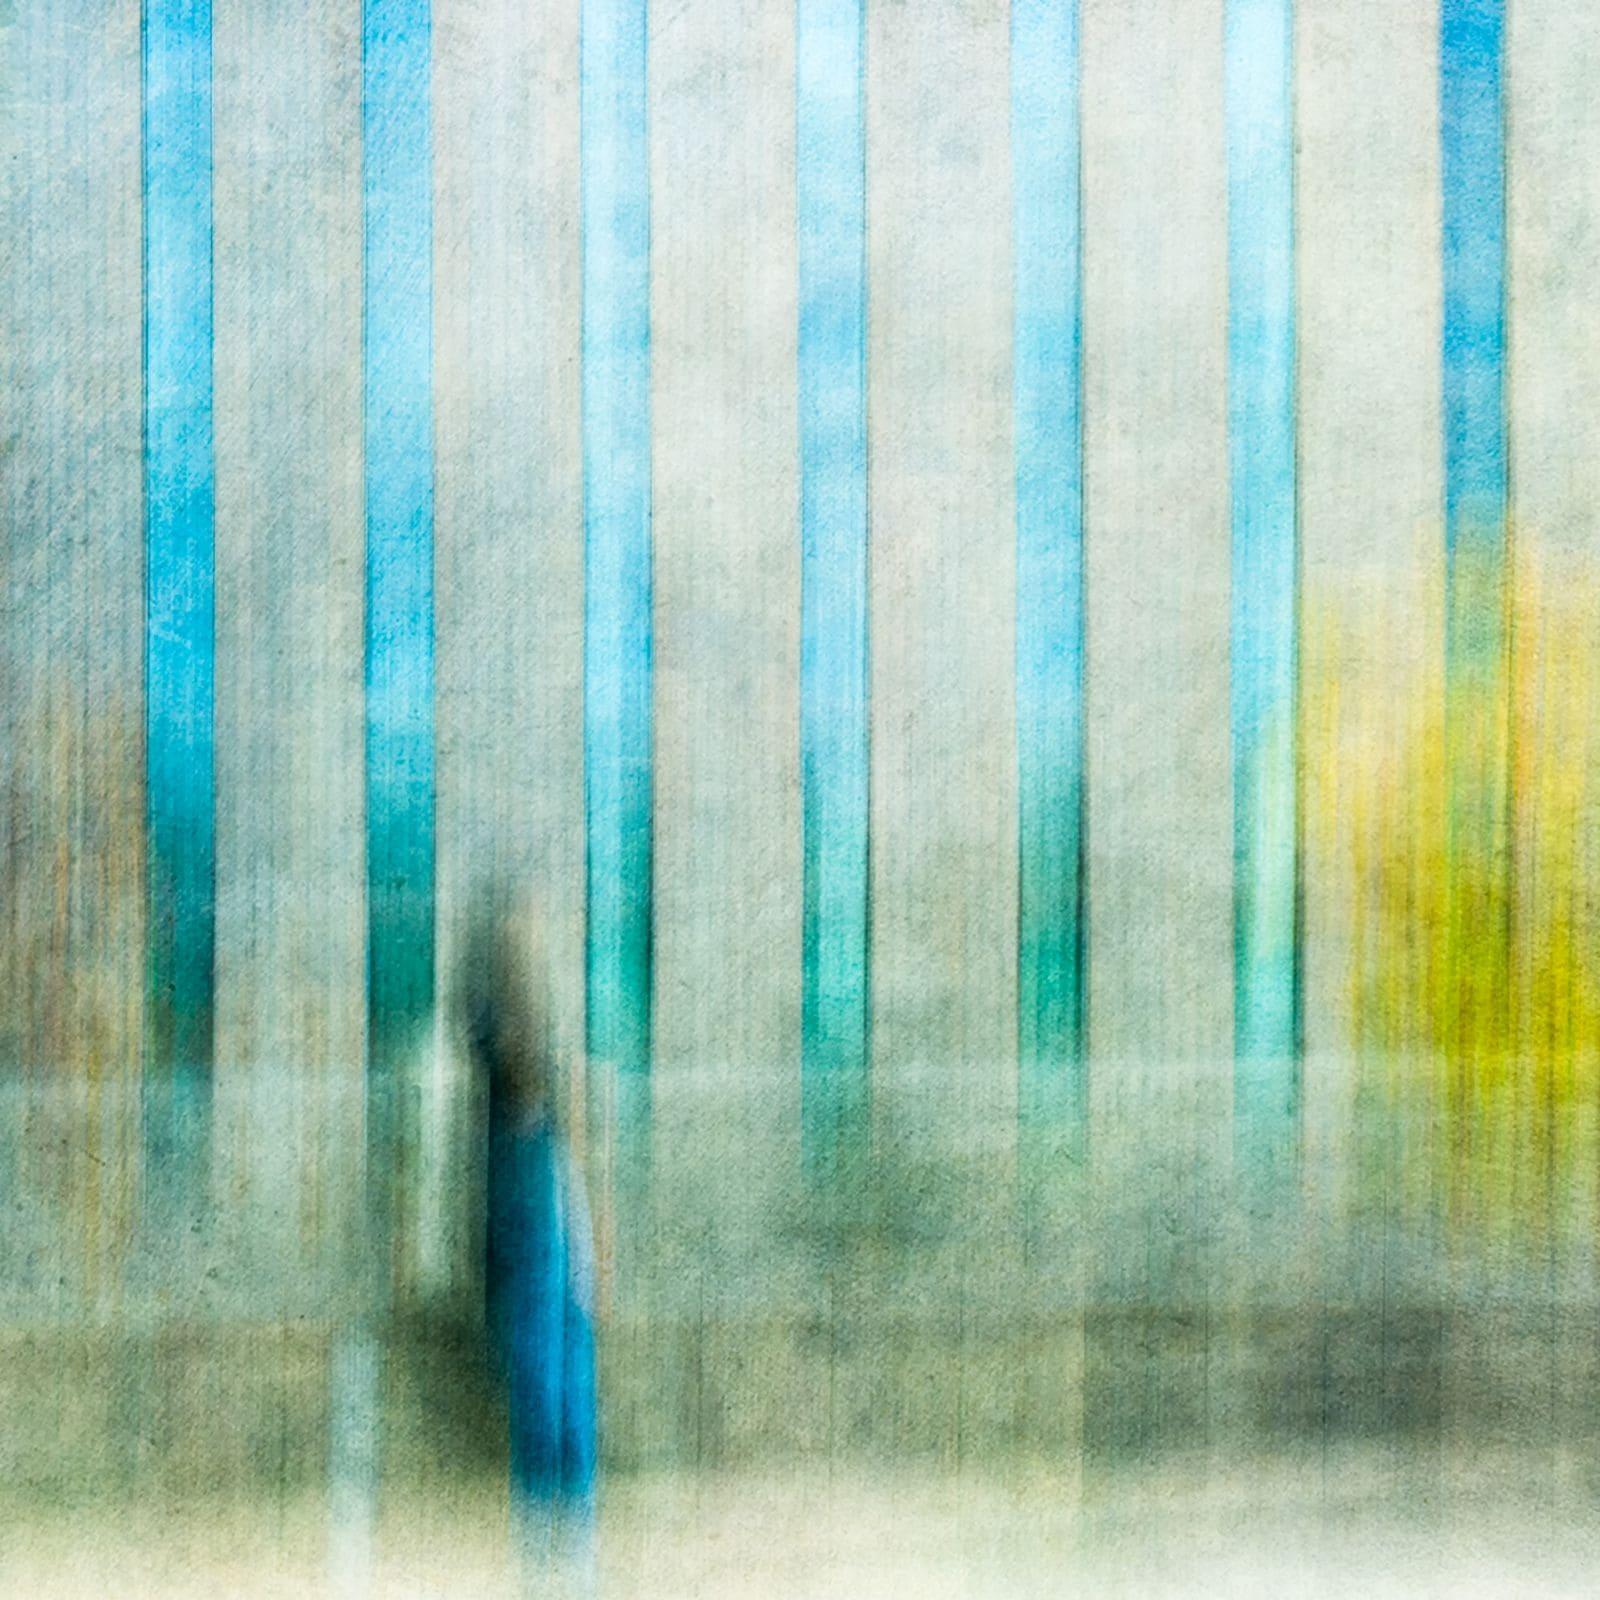 Photo Münsingen - Fotoausstellung - Brigitte Aeberhard